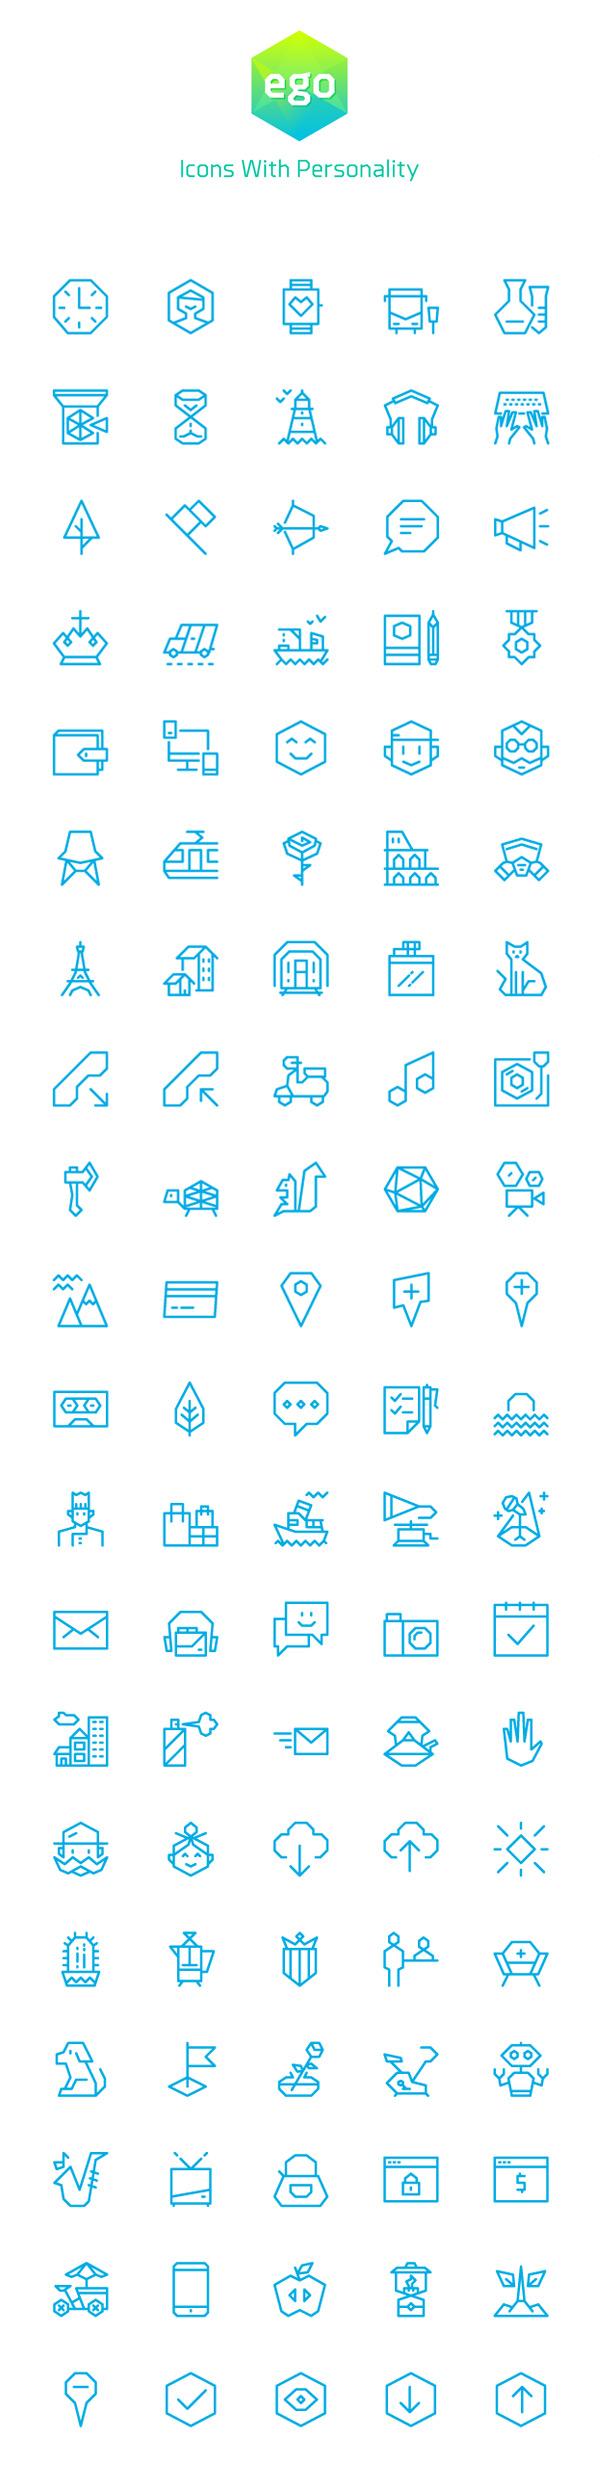 ego-icons-600